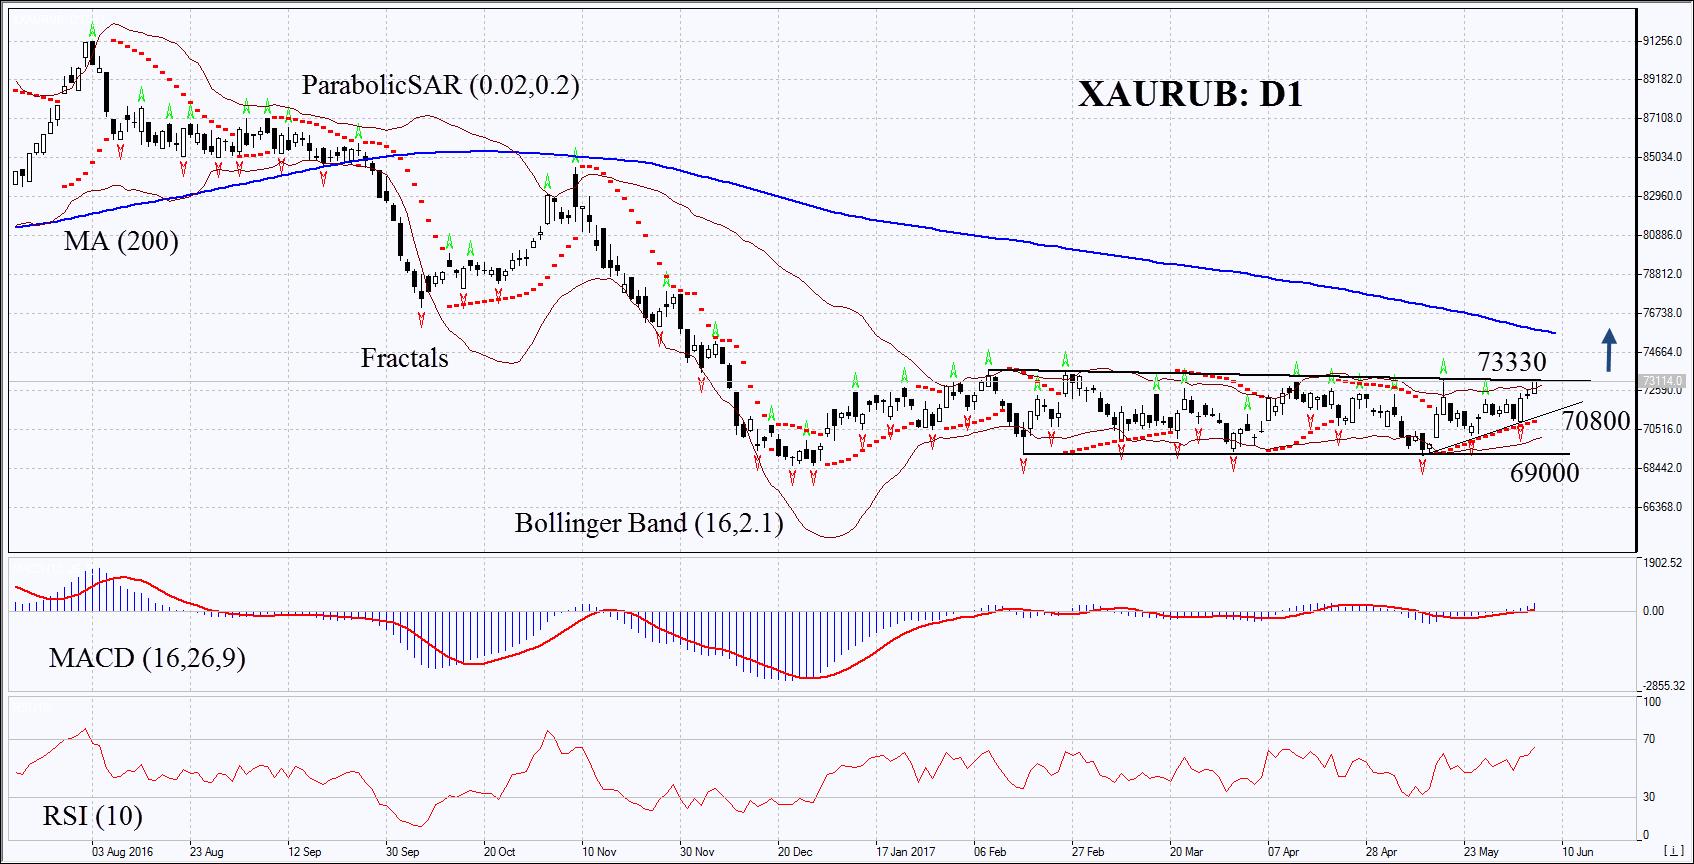 XAU/RUB Chart